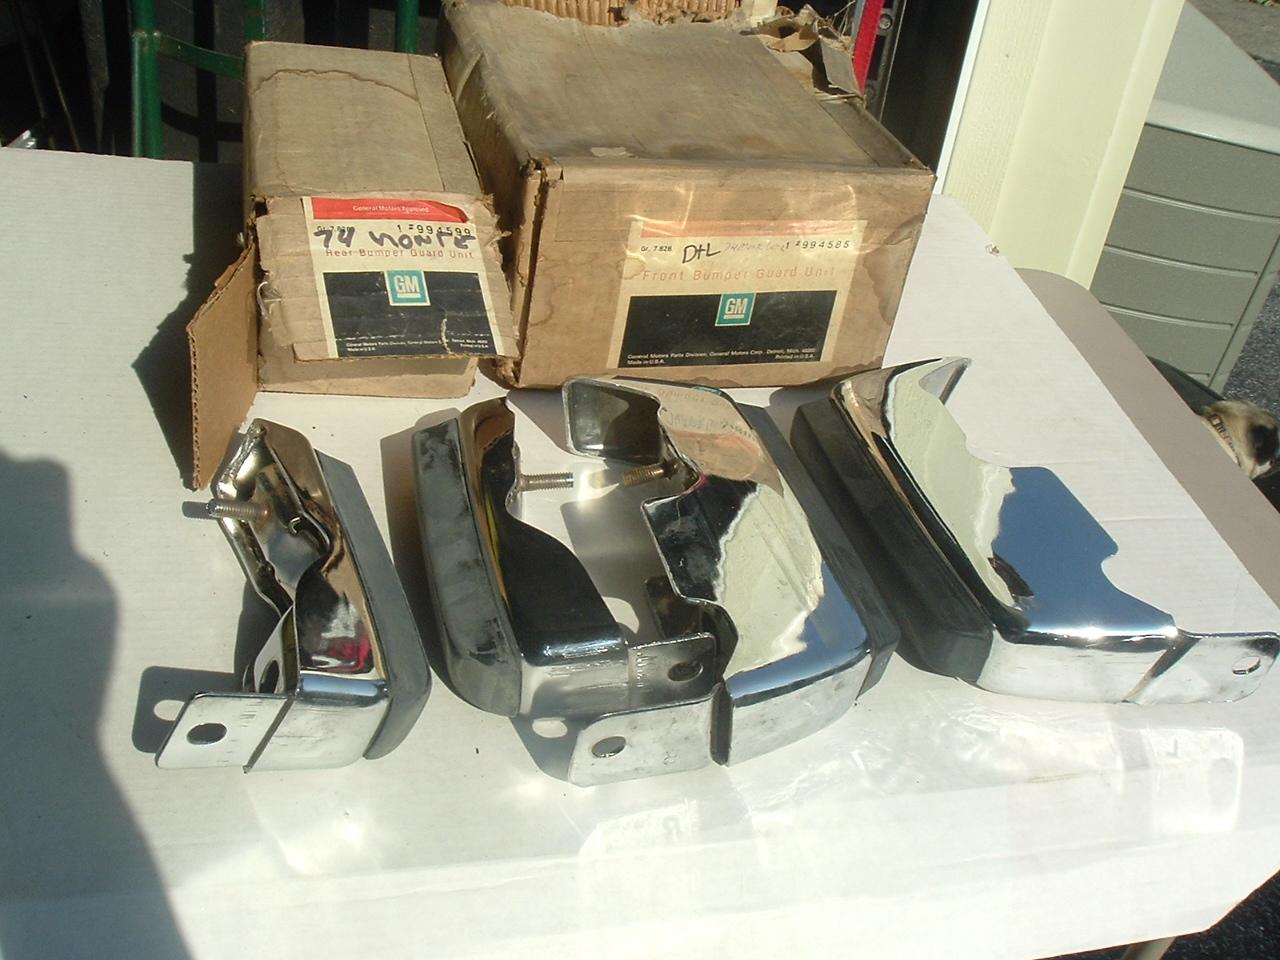 1974 Chevolet Monte Carlo bumper gards nos set/4 994585 994599 (a 994585 994599)